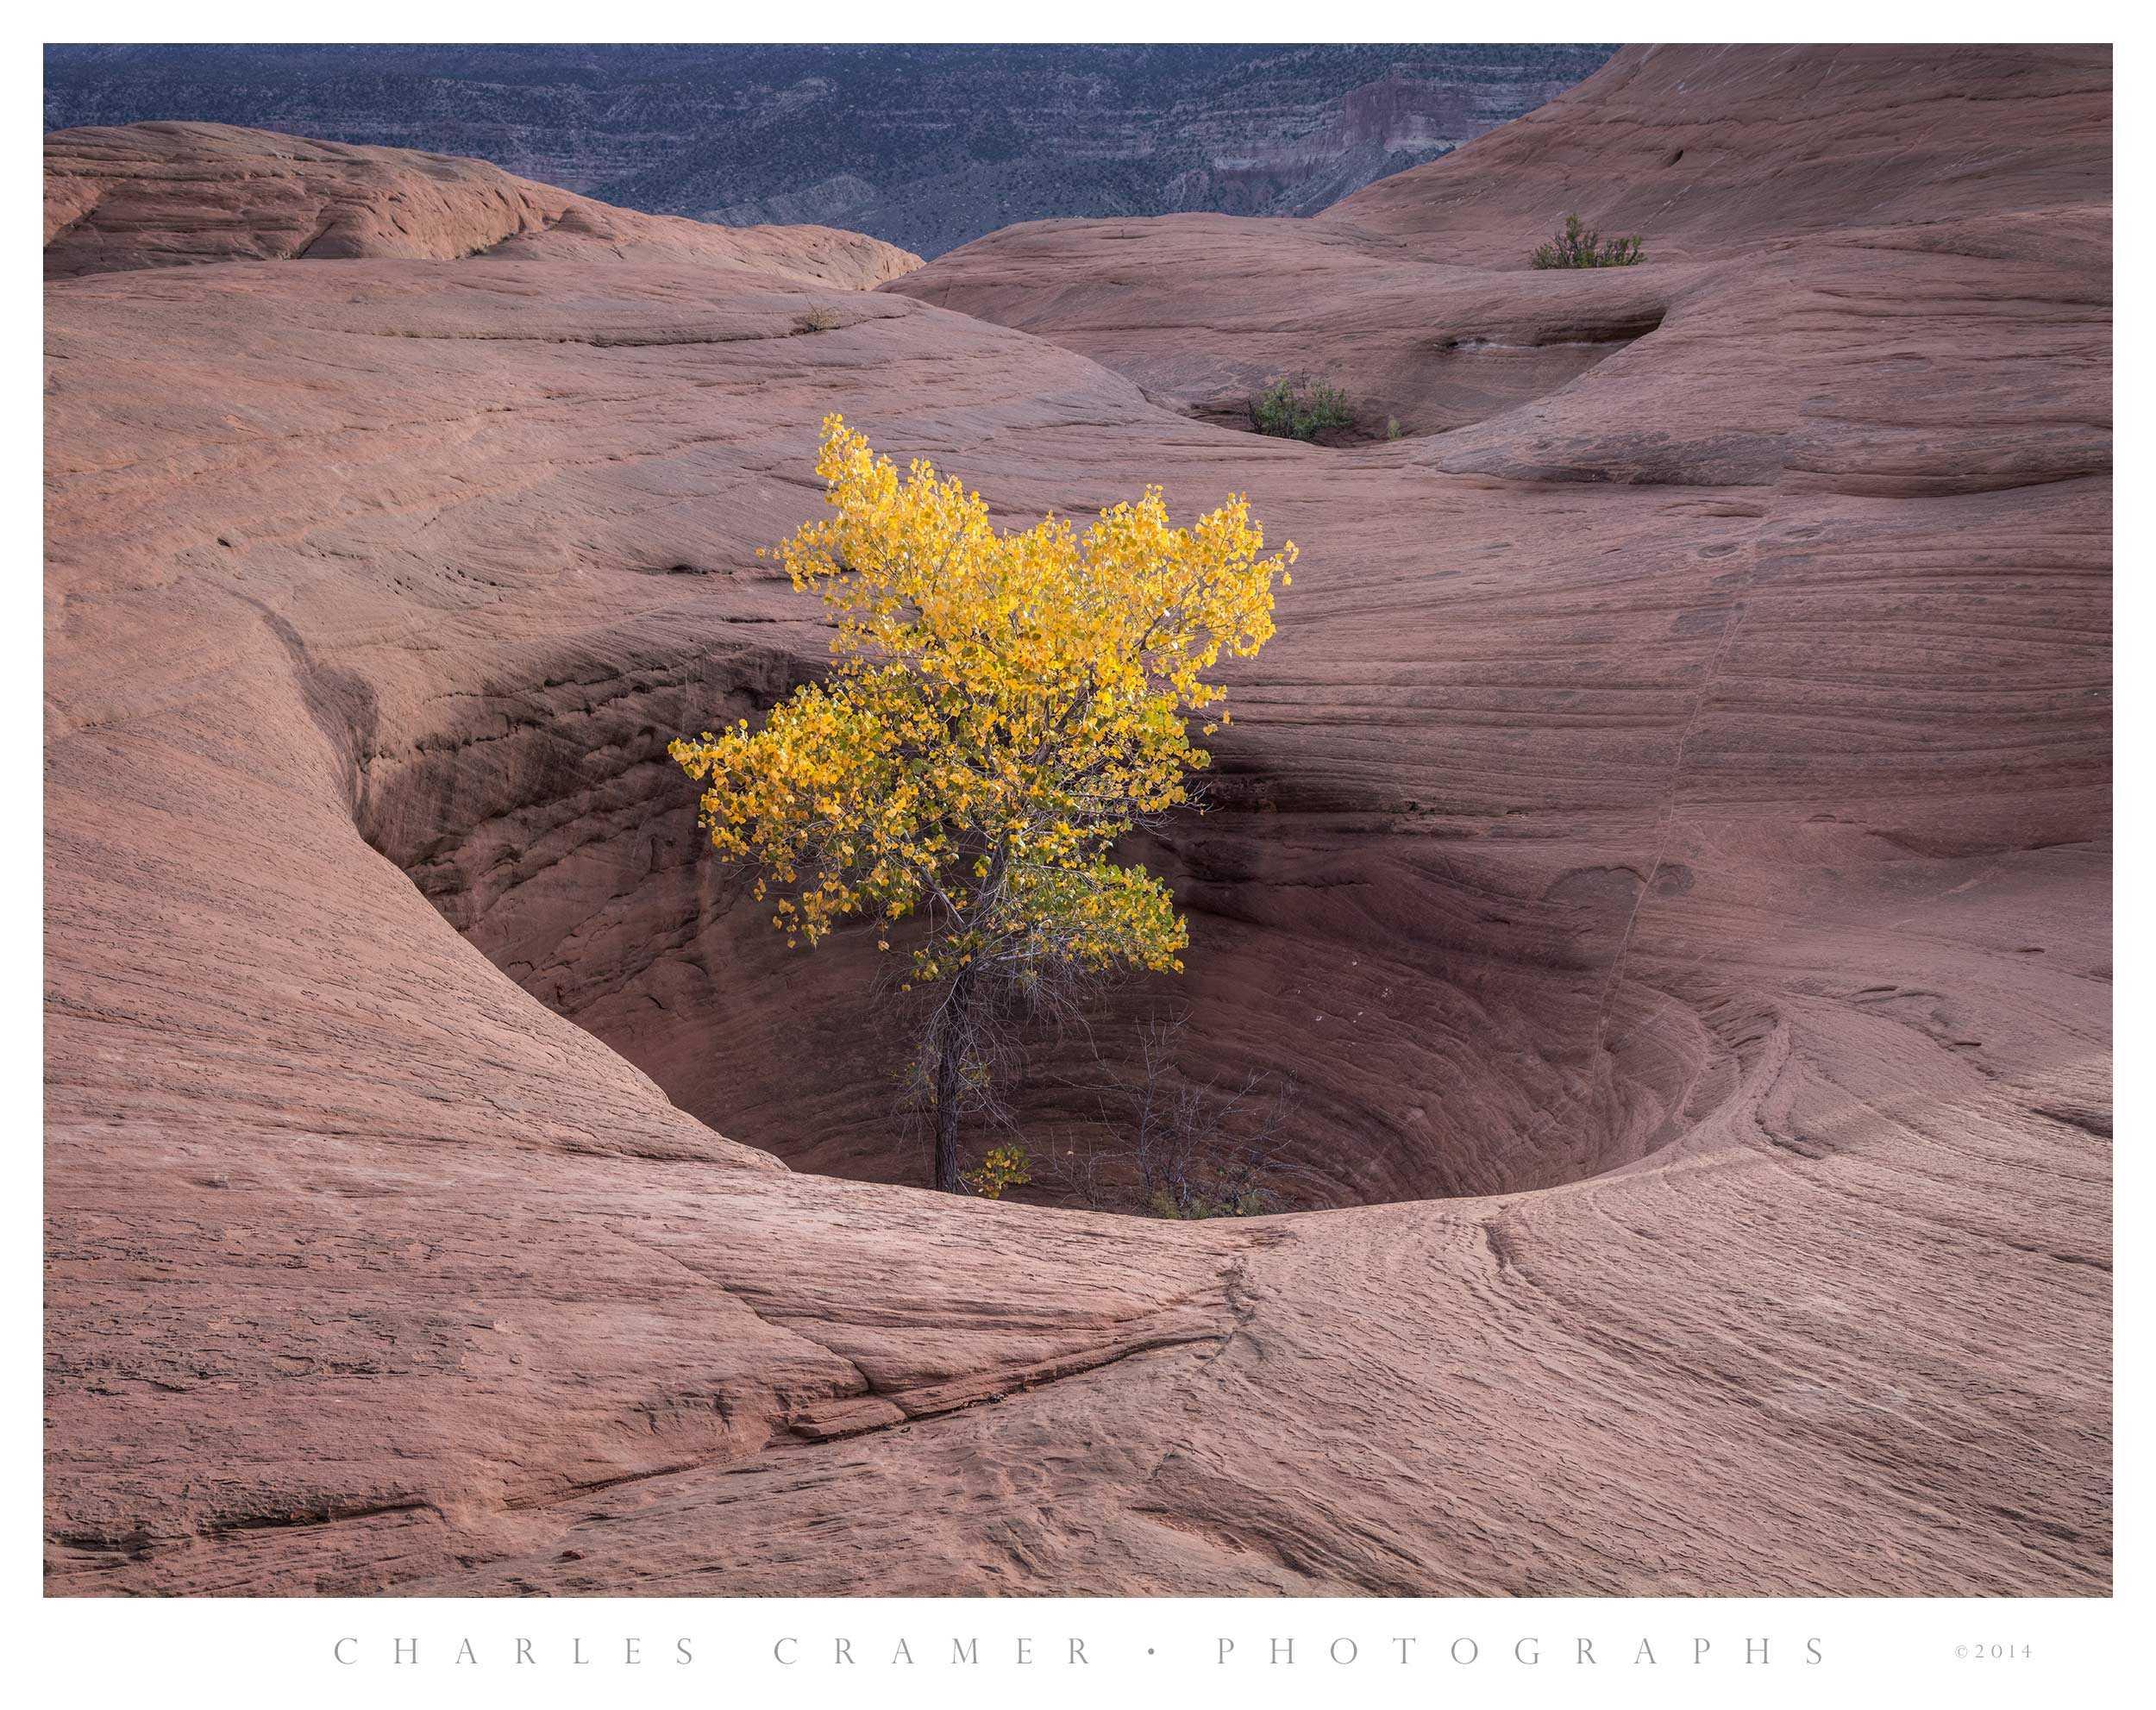 Cottonwood Tree in Sandstone Crevice, Utah